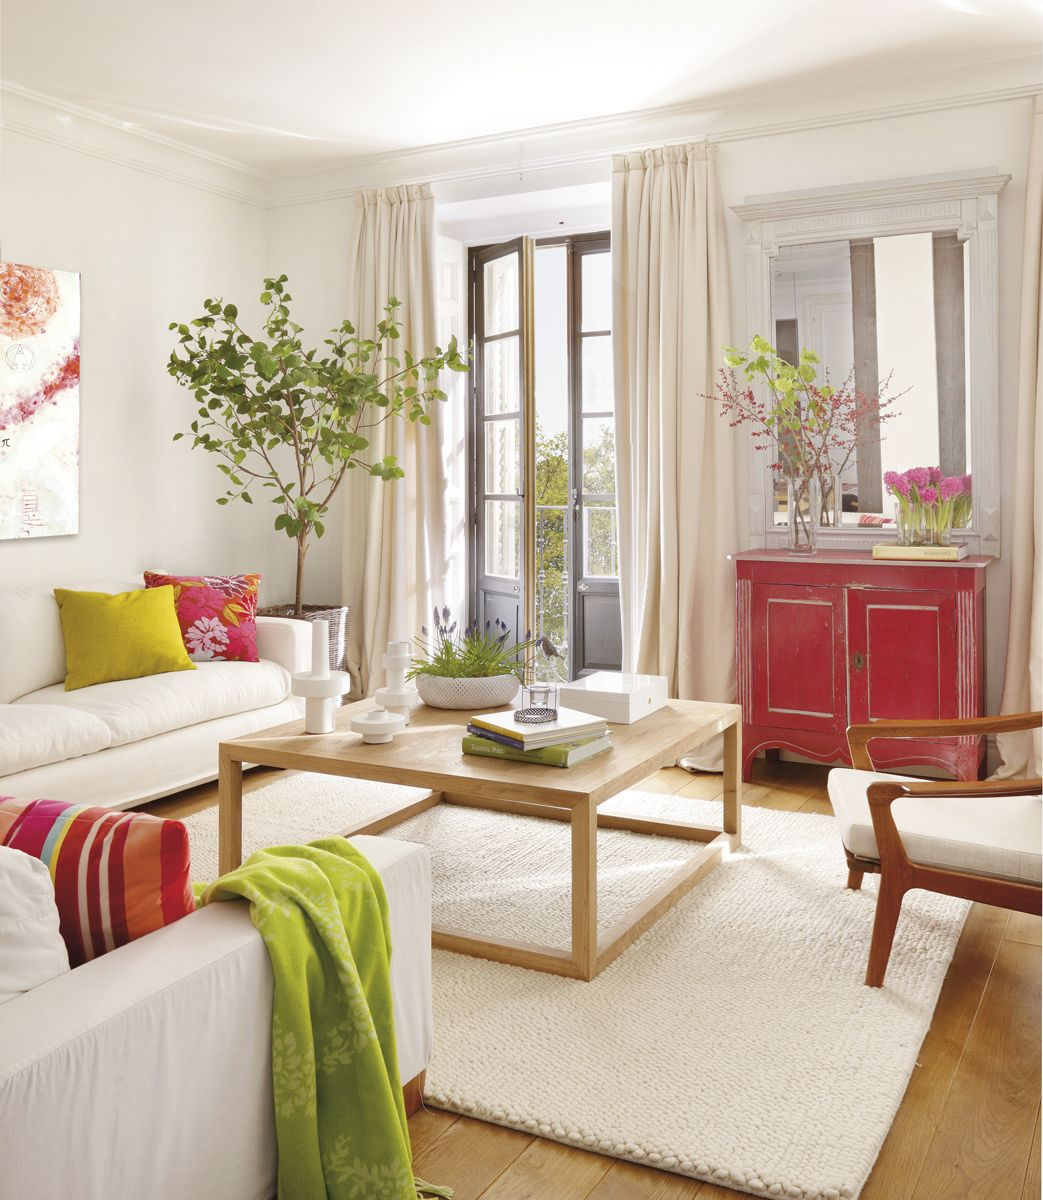 1 sal n con toques rojos y verdes alfombra mesa de for Cortinas verdes salon